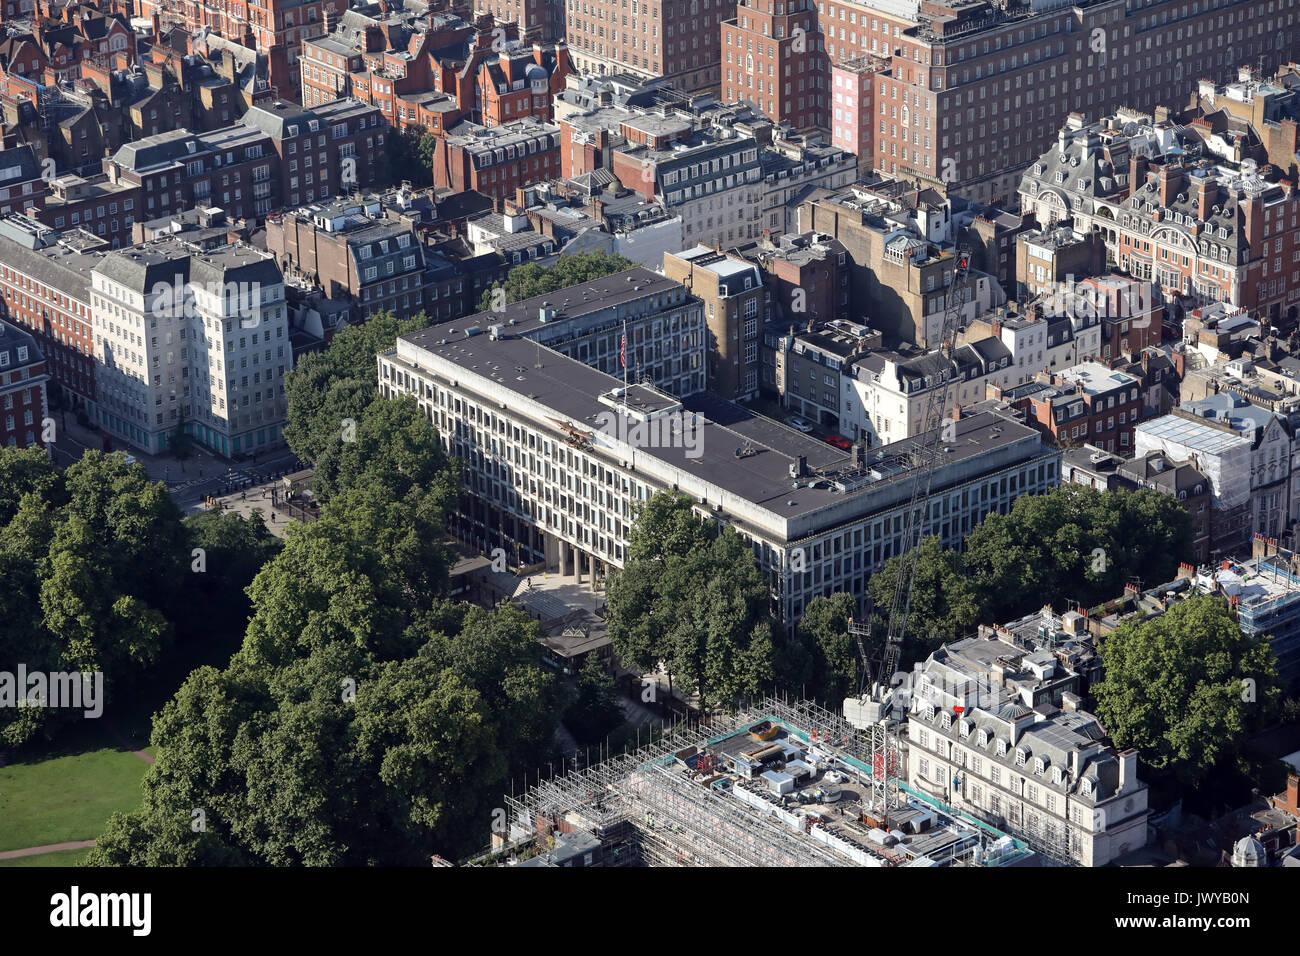 Vista aérea de la Embajada Norteamericana en Grosvenor Square, Londres, Reino Unido. Imagen De Stock